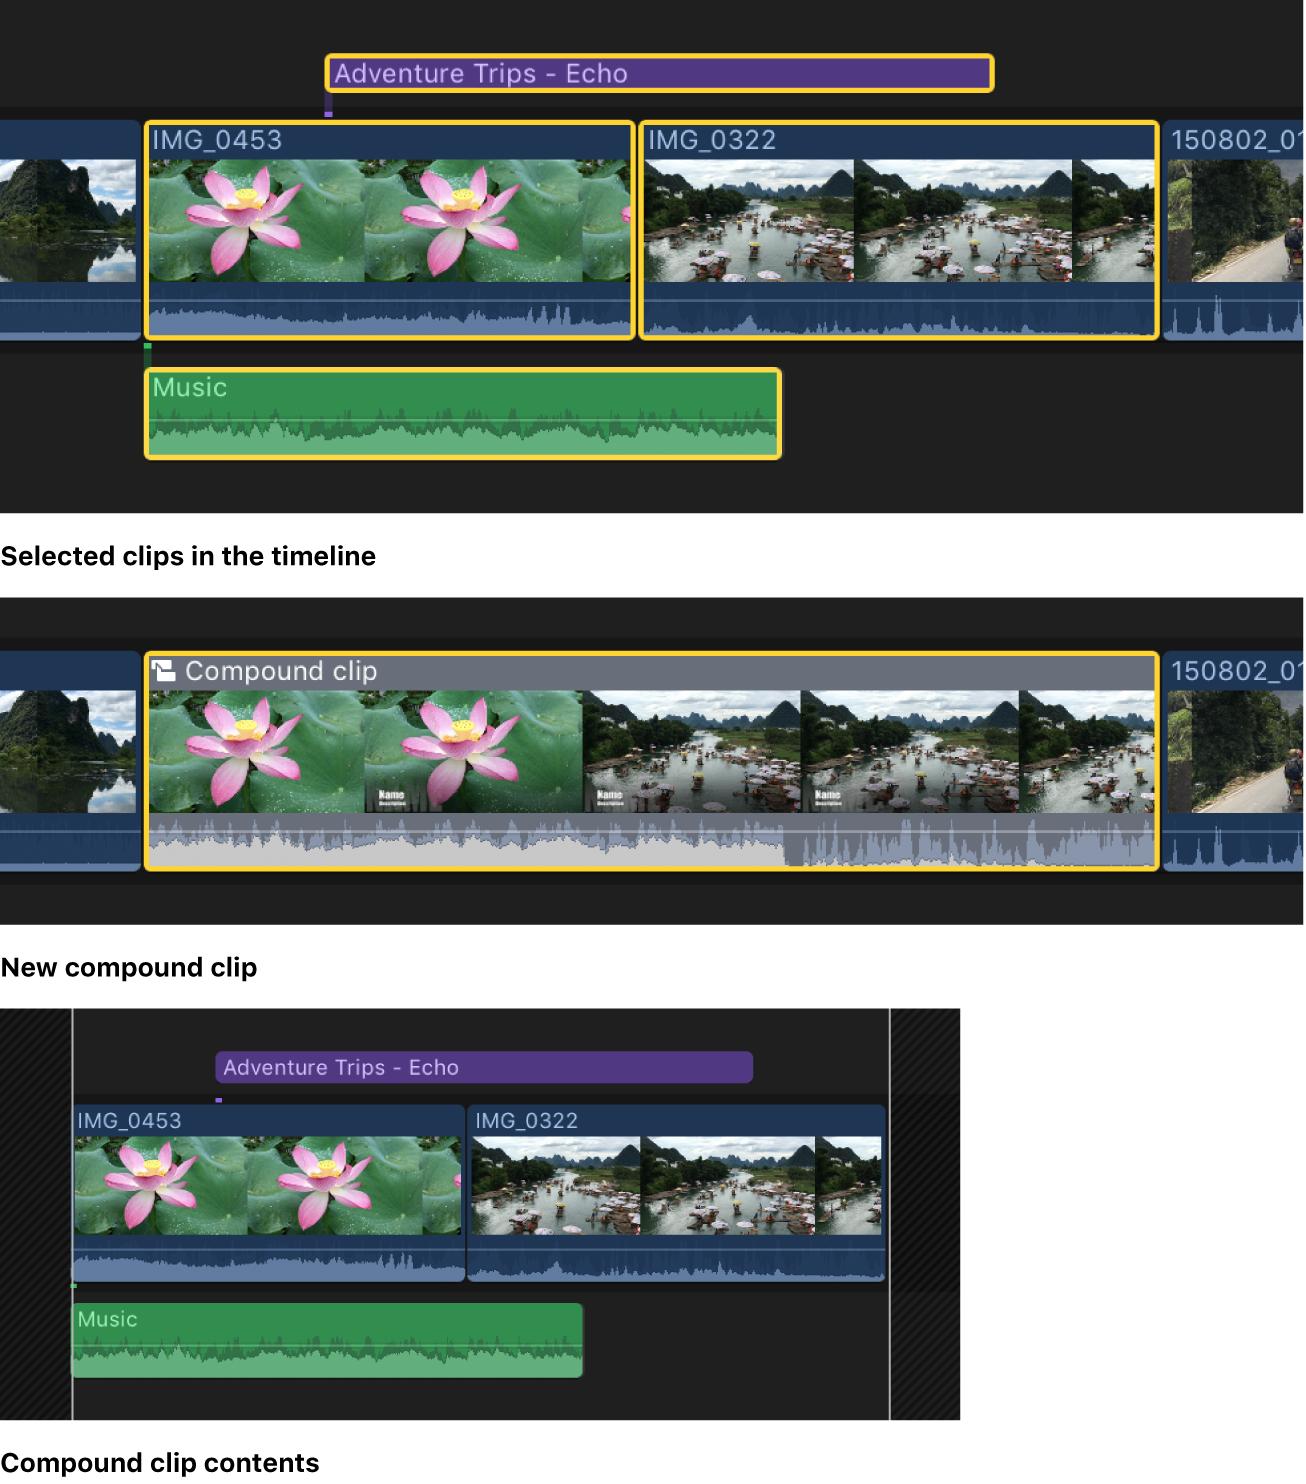 Un clip compuesto creado a partir de clips seleccionados en la línea de tiempo